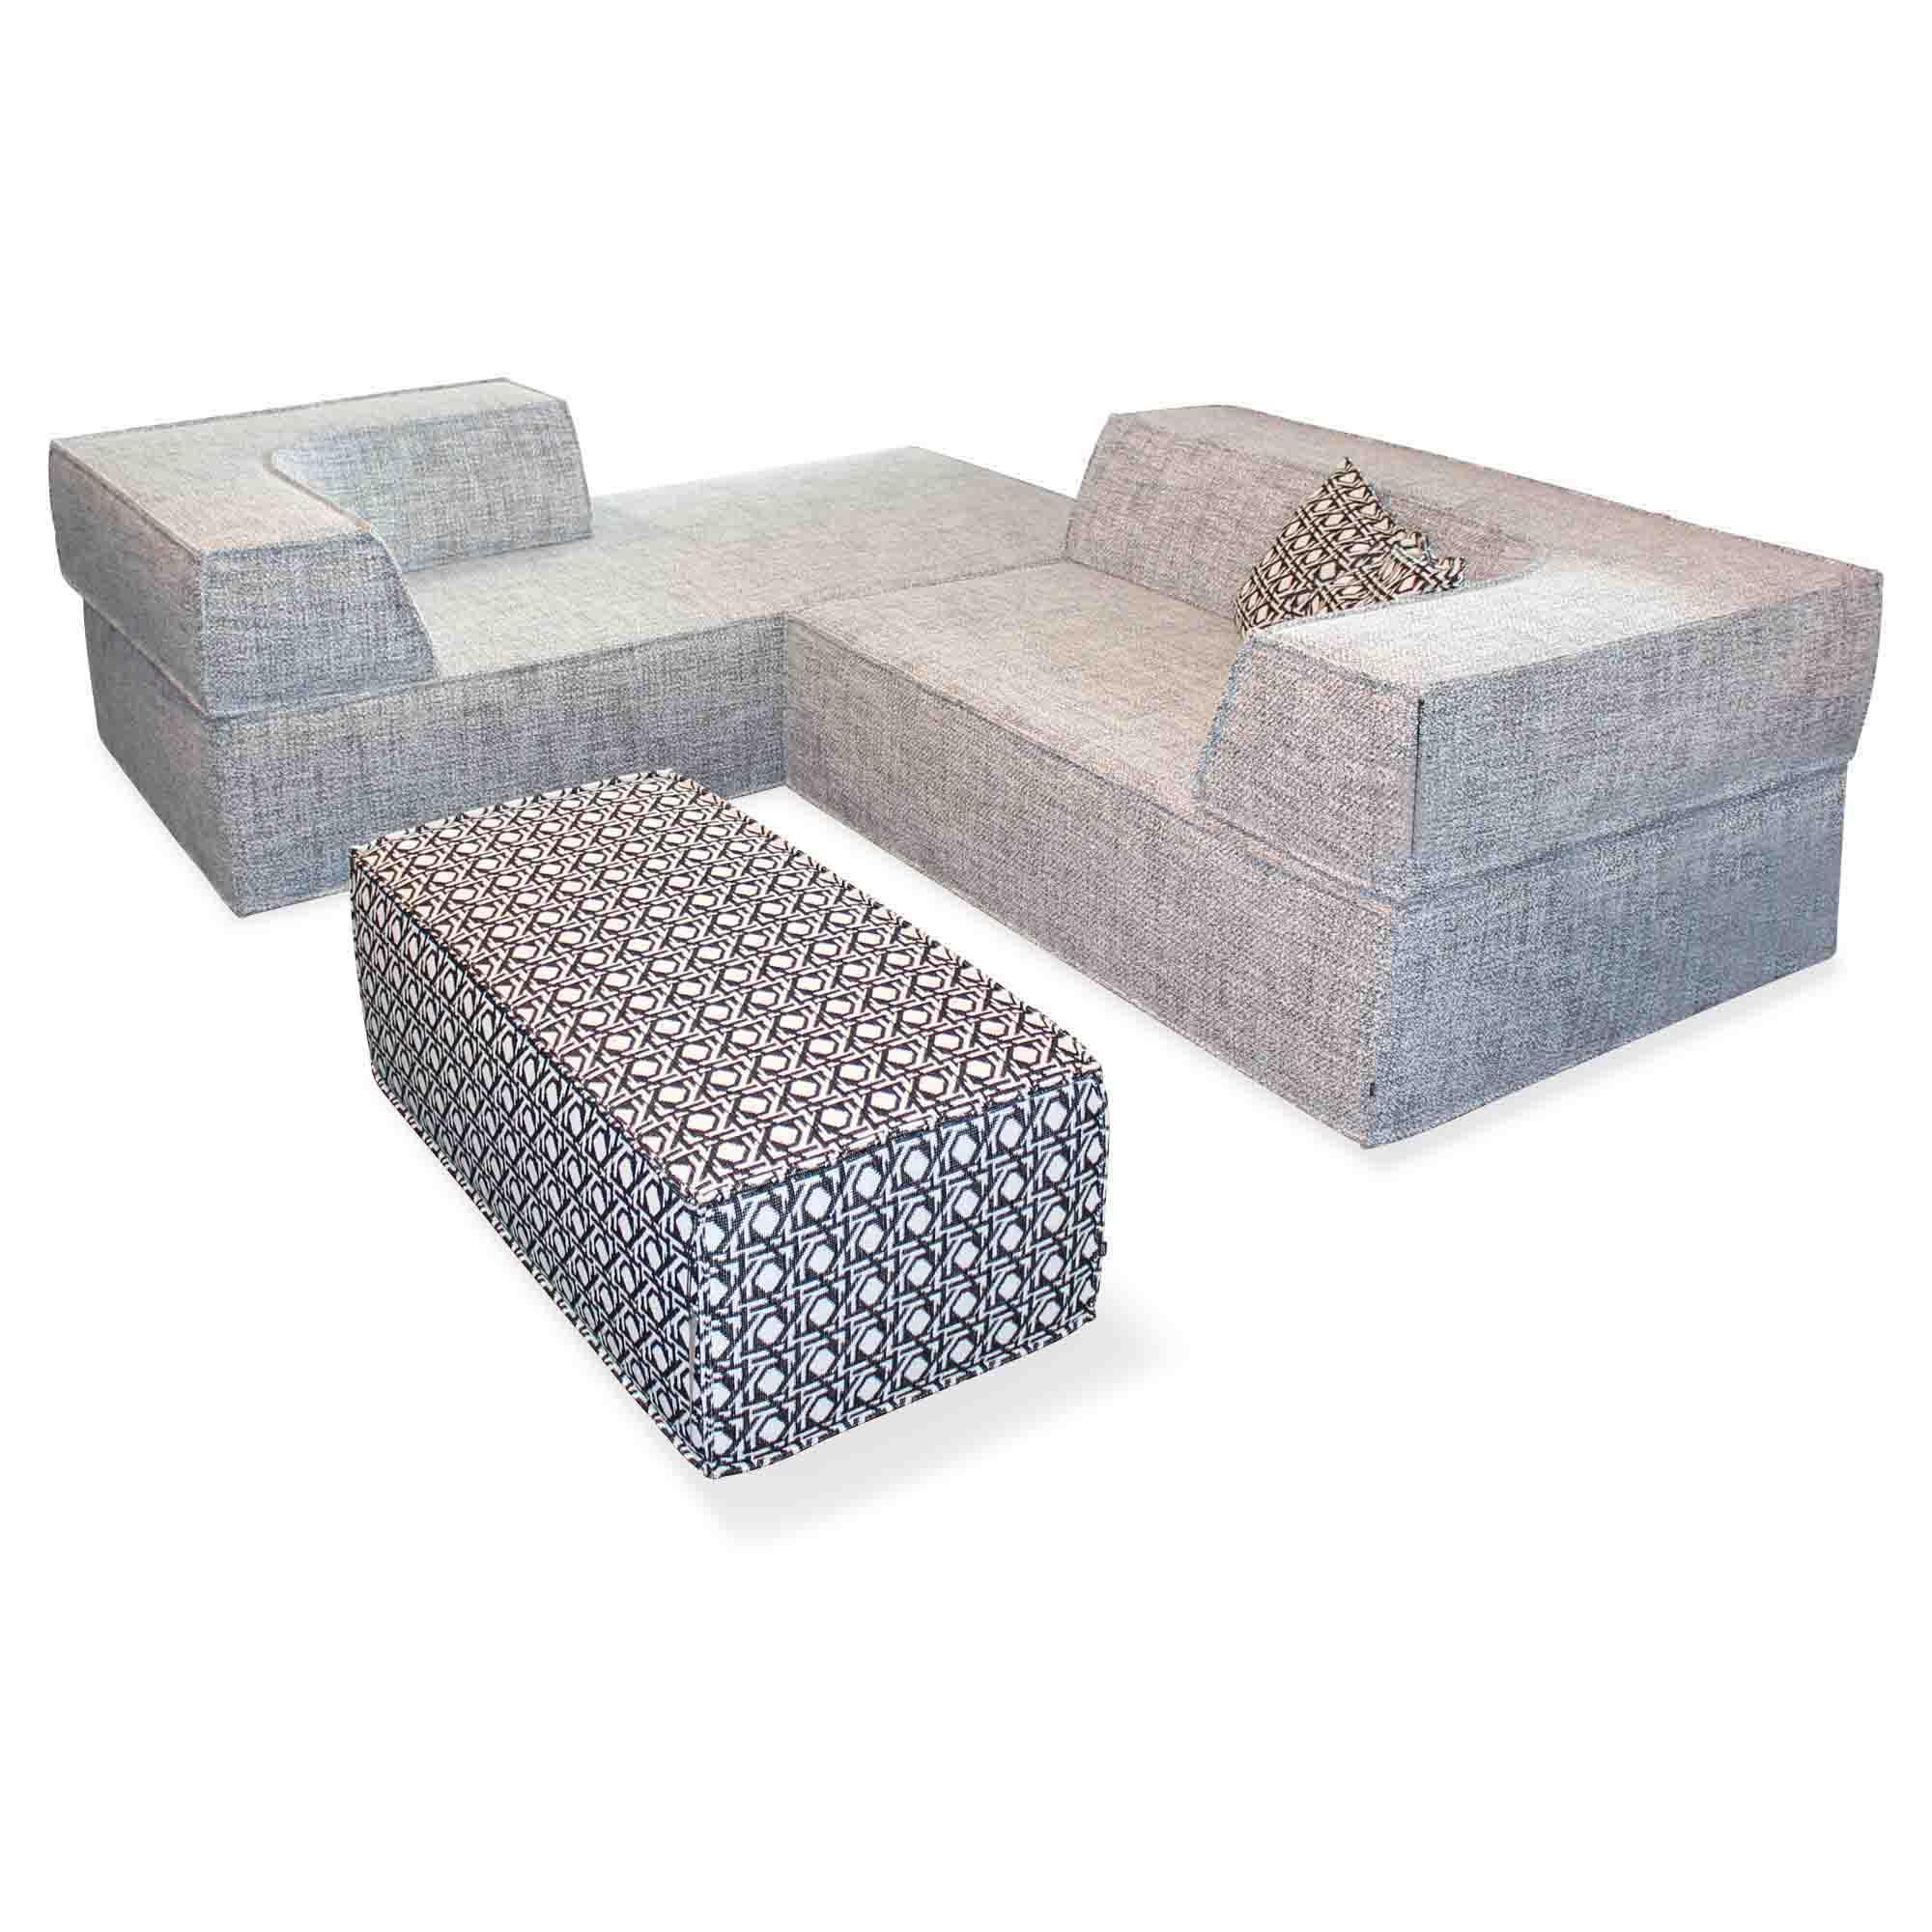 cor ausstellungsst cke angebote online g nstig kaufen m belfirst. Black Bedroom Furniture Sets. Home Design Ideas